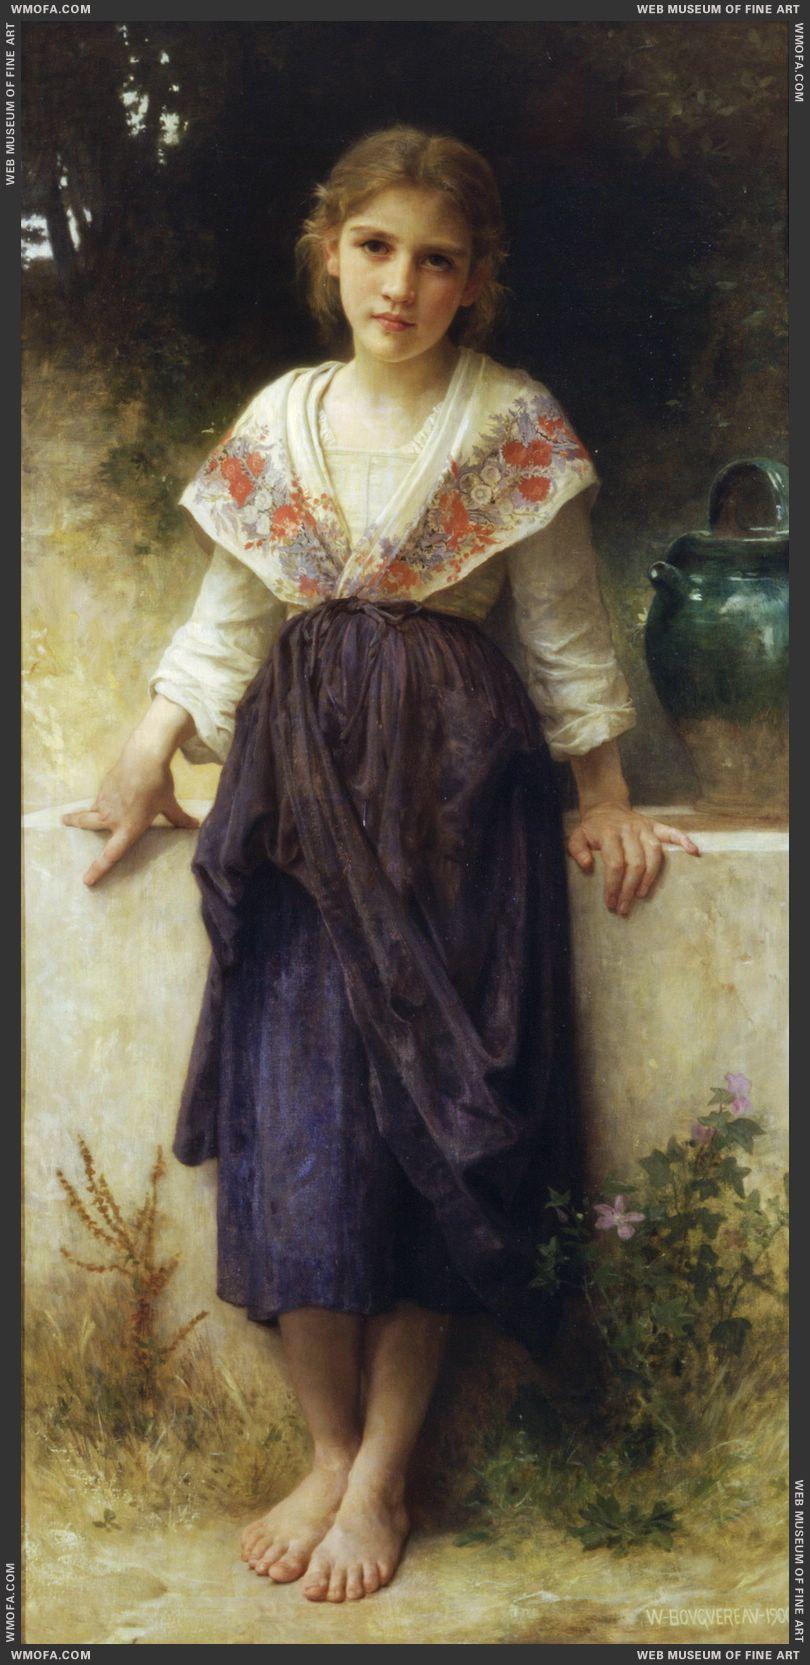 Un Moment de Repos - A Moments Rest 1900 by Bouguereau, William